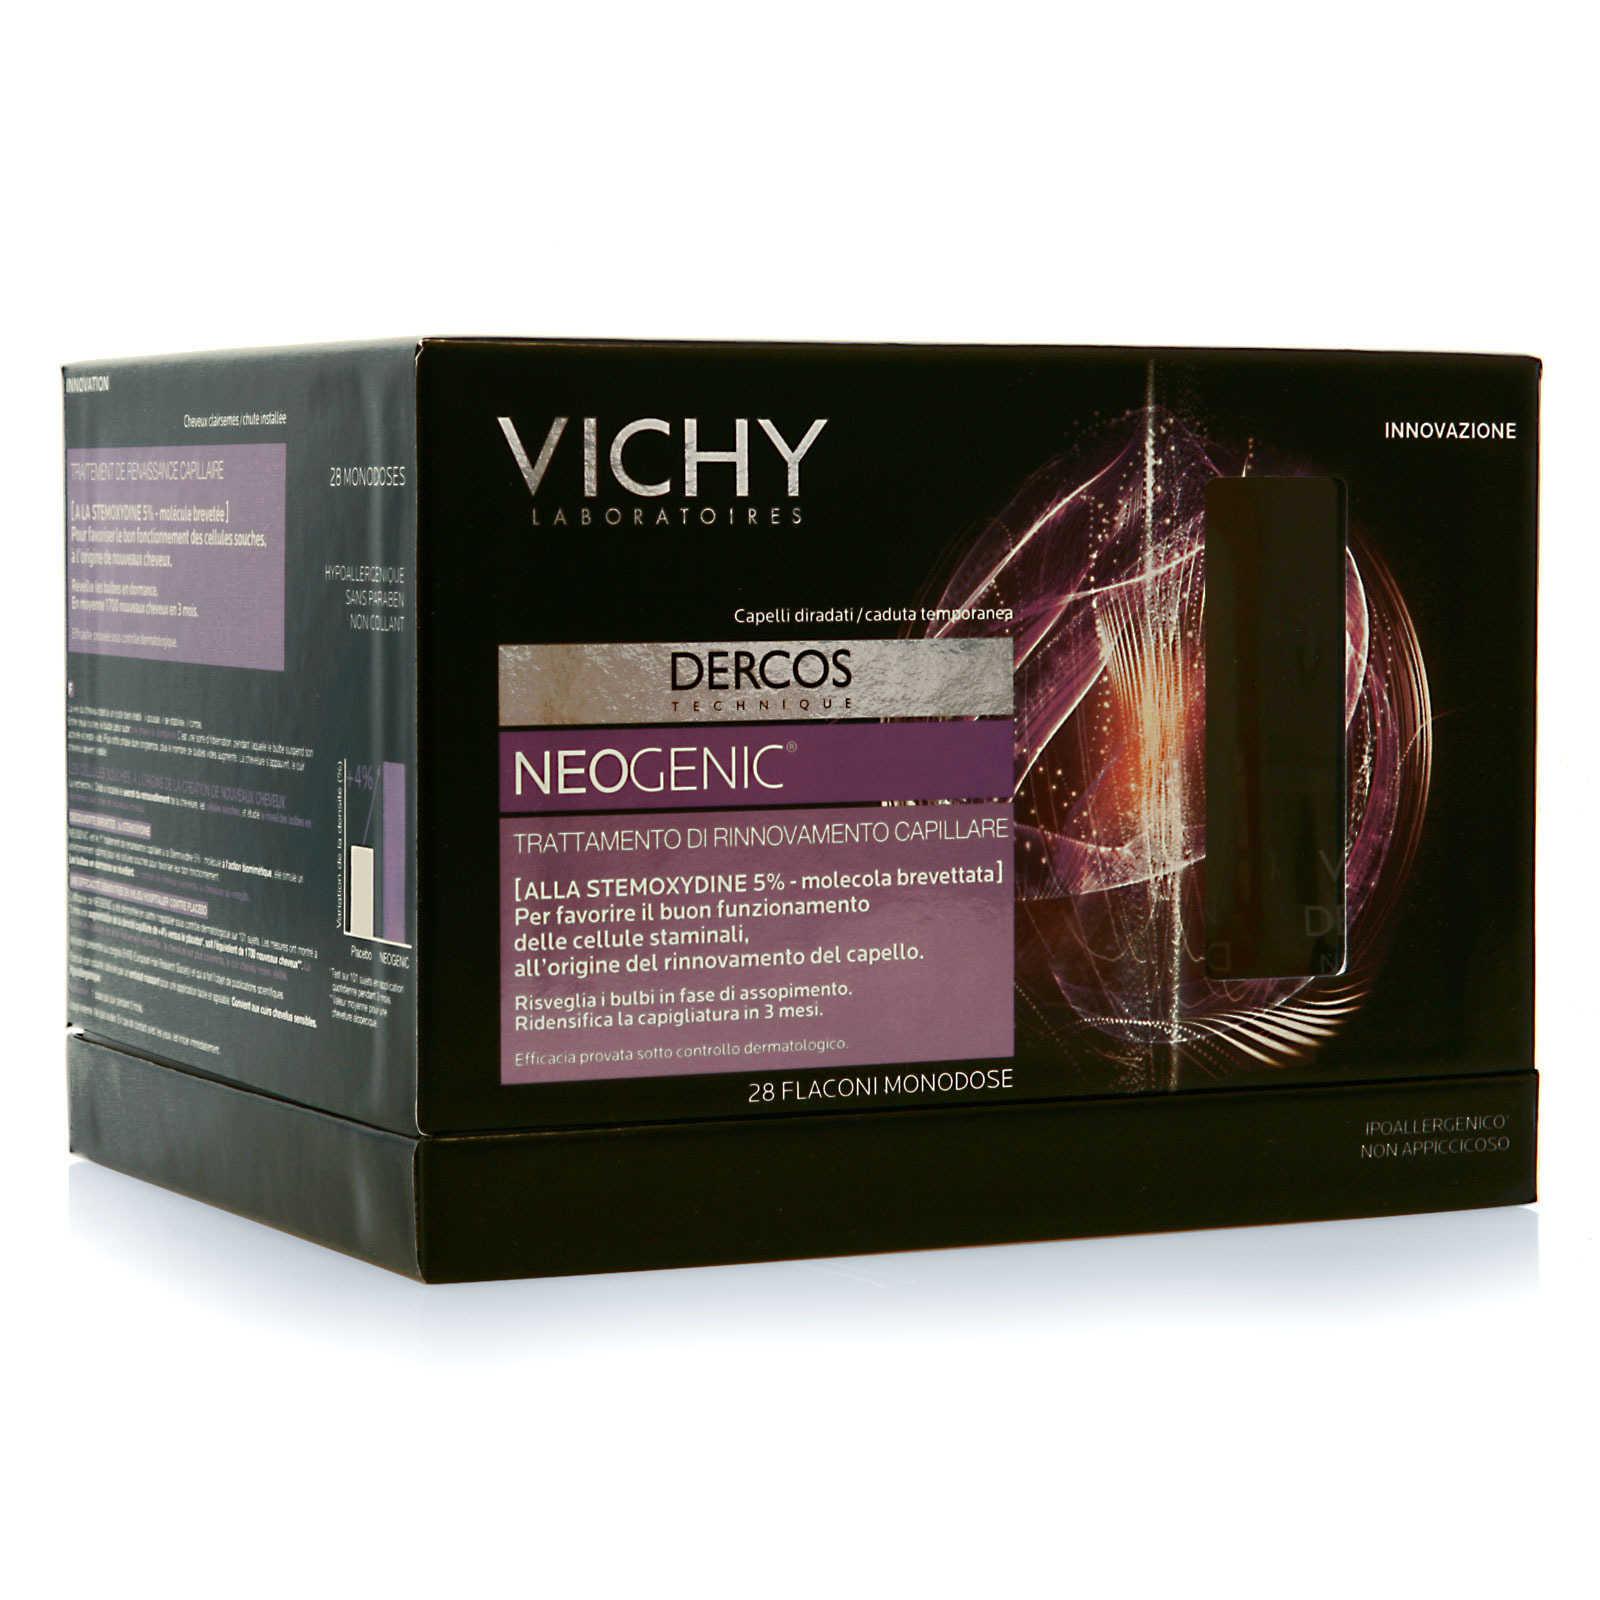 Vichy - Fiale Anticaduta dei capelli - Dercos - Neogenic ...